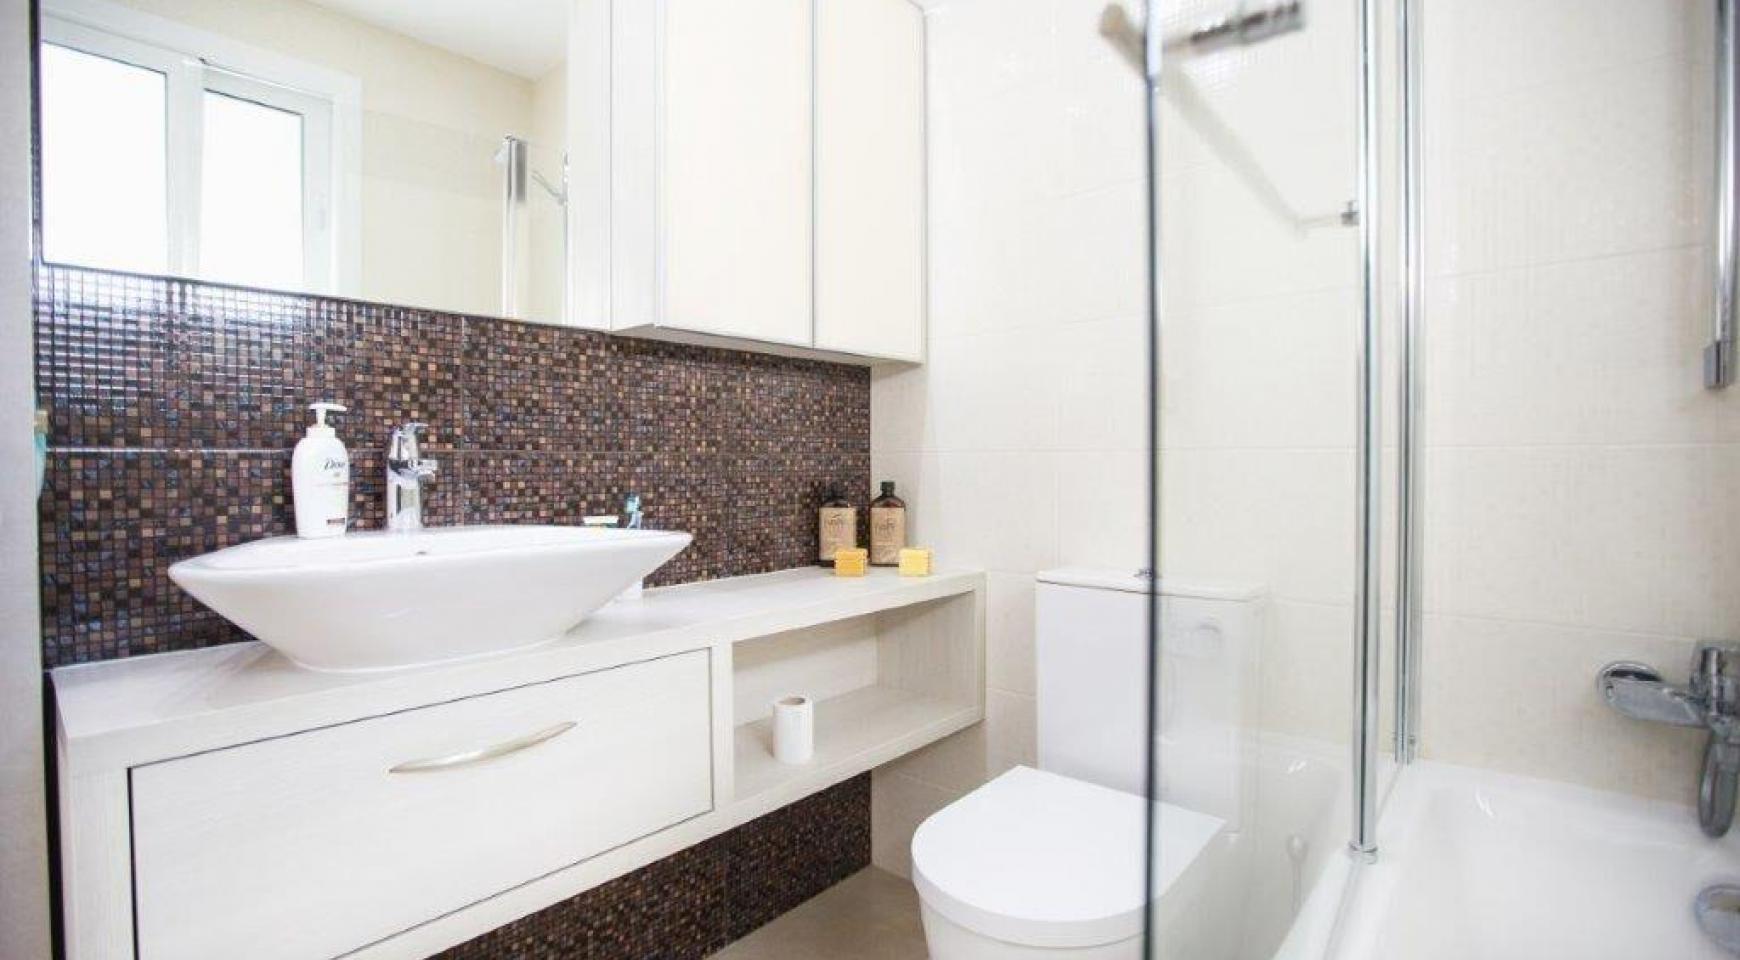 Αντίγραφο Αντίγραφο Αντίγραφο New 3 Bedroom Villa in Ipsonas Area - 9